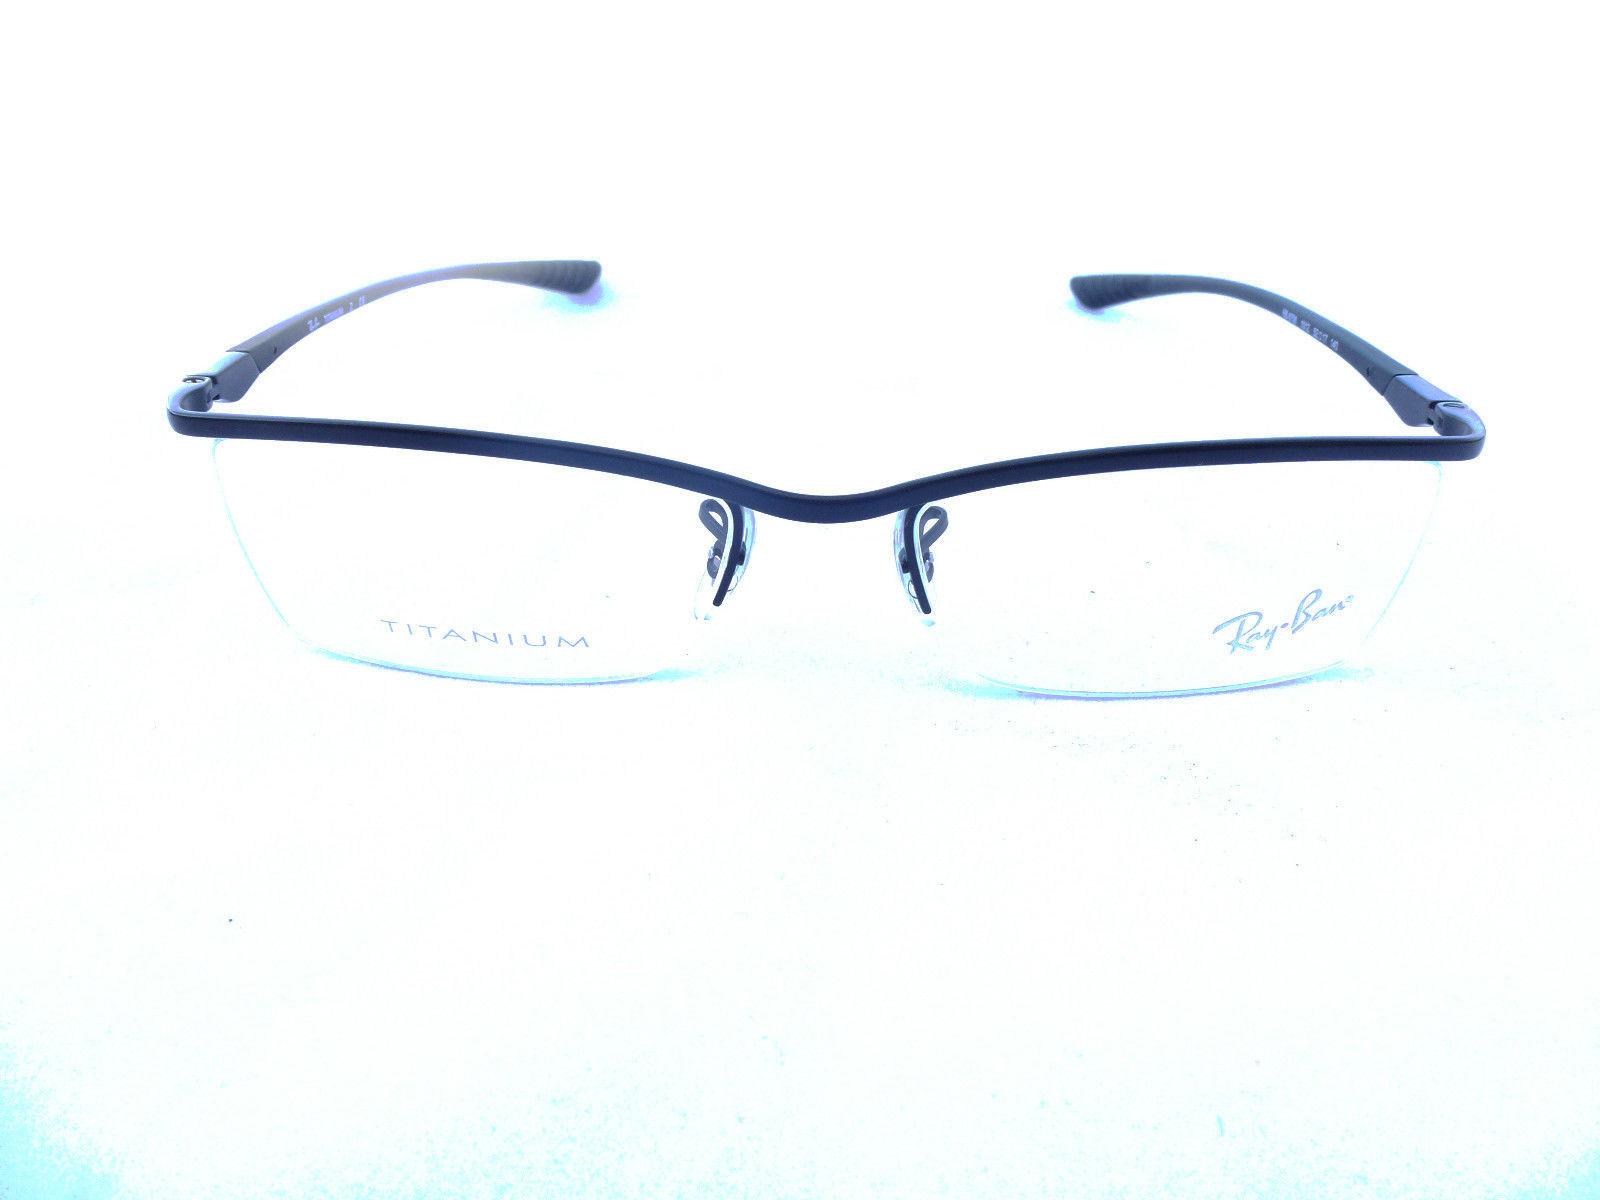 e6226e3e989 Ray Ban Titanium Frame Price